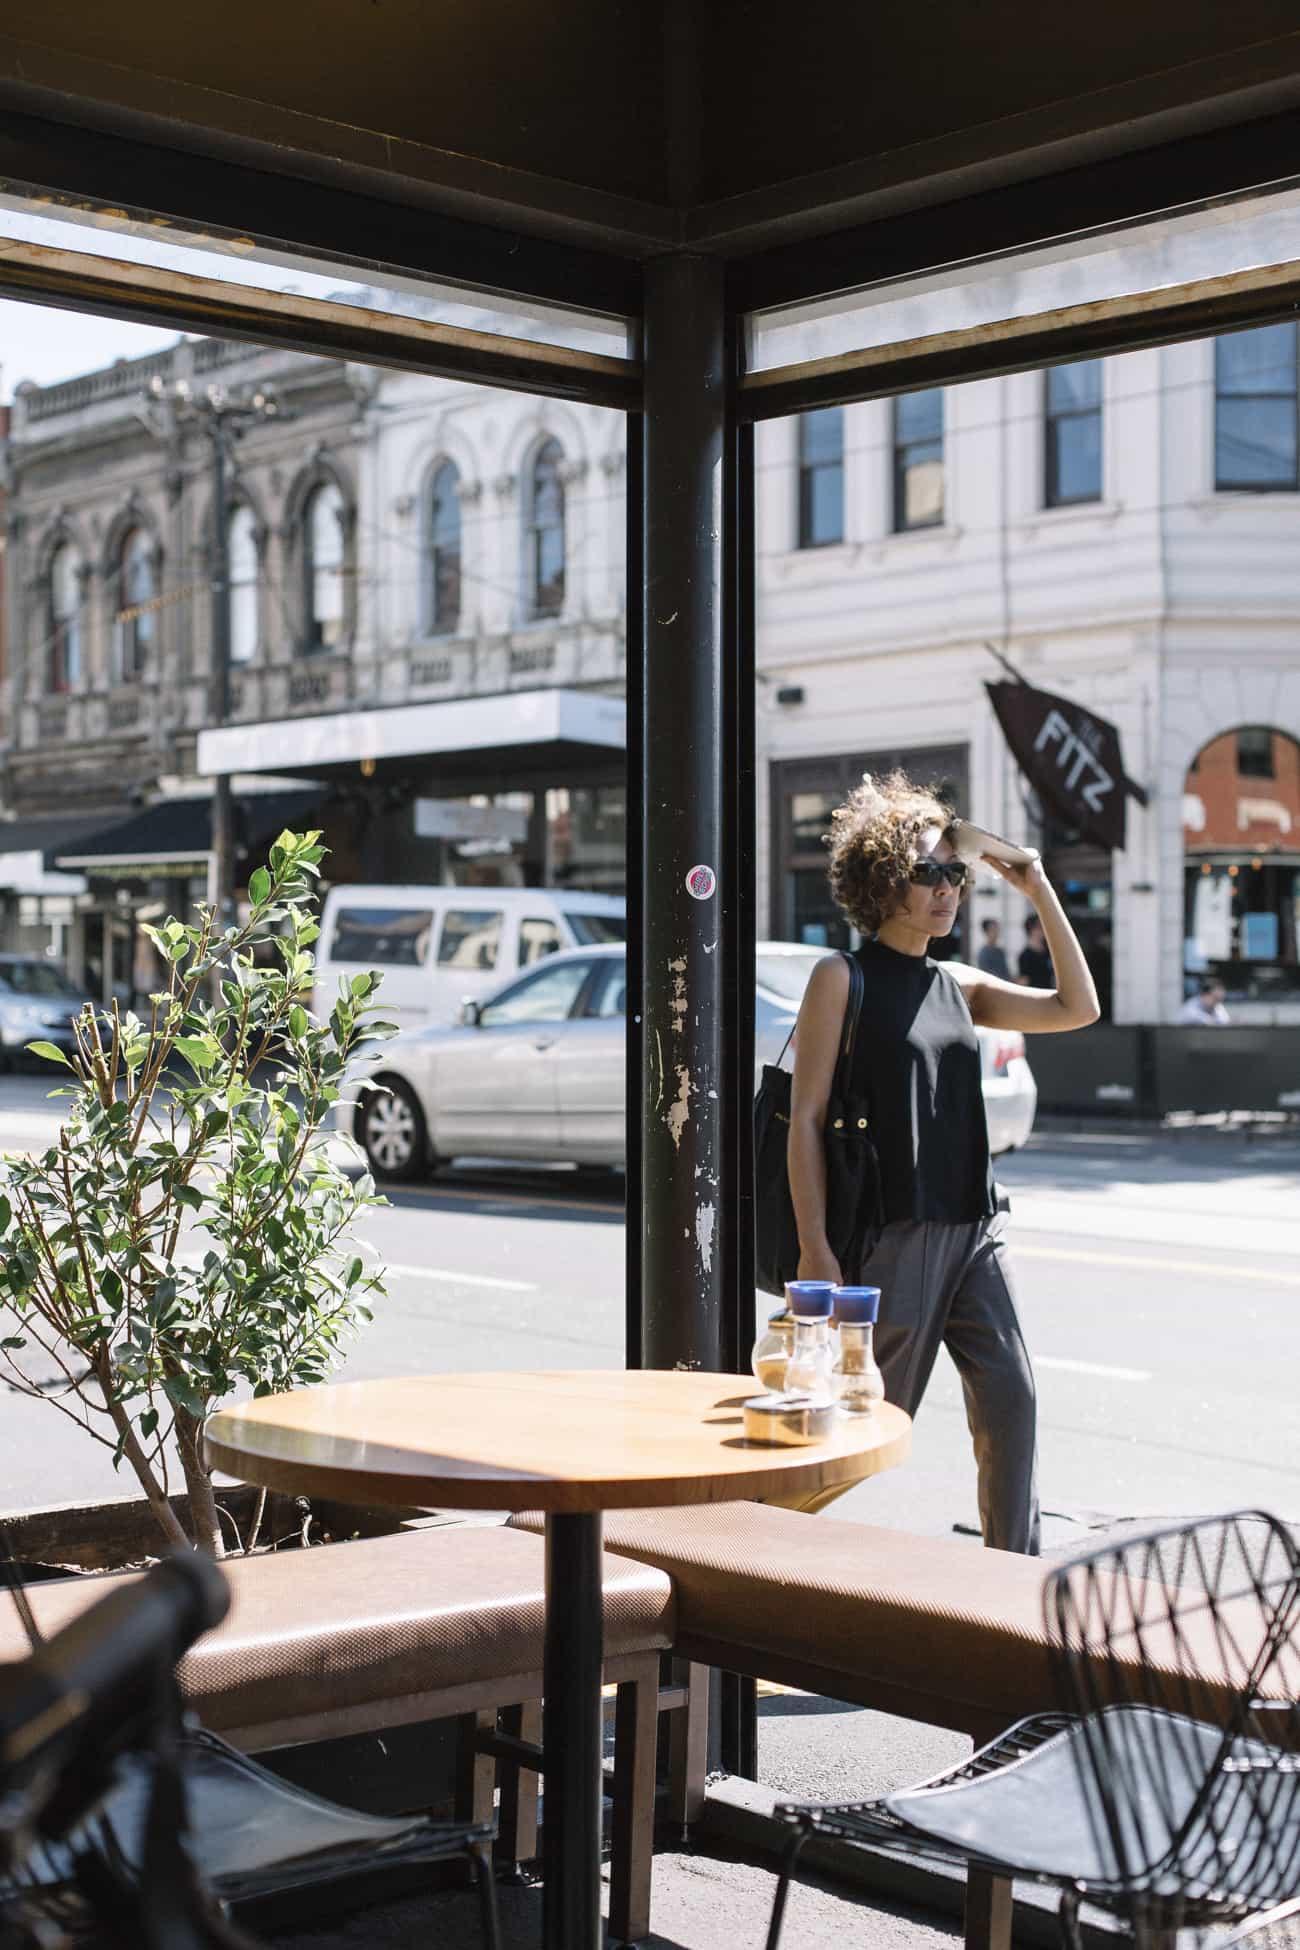 Kinlake-Melbourne-Australia-City-Lifestyle-2-7735